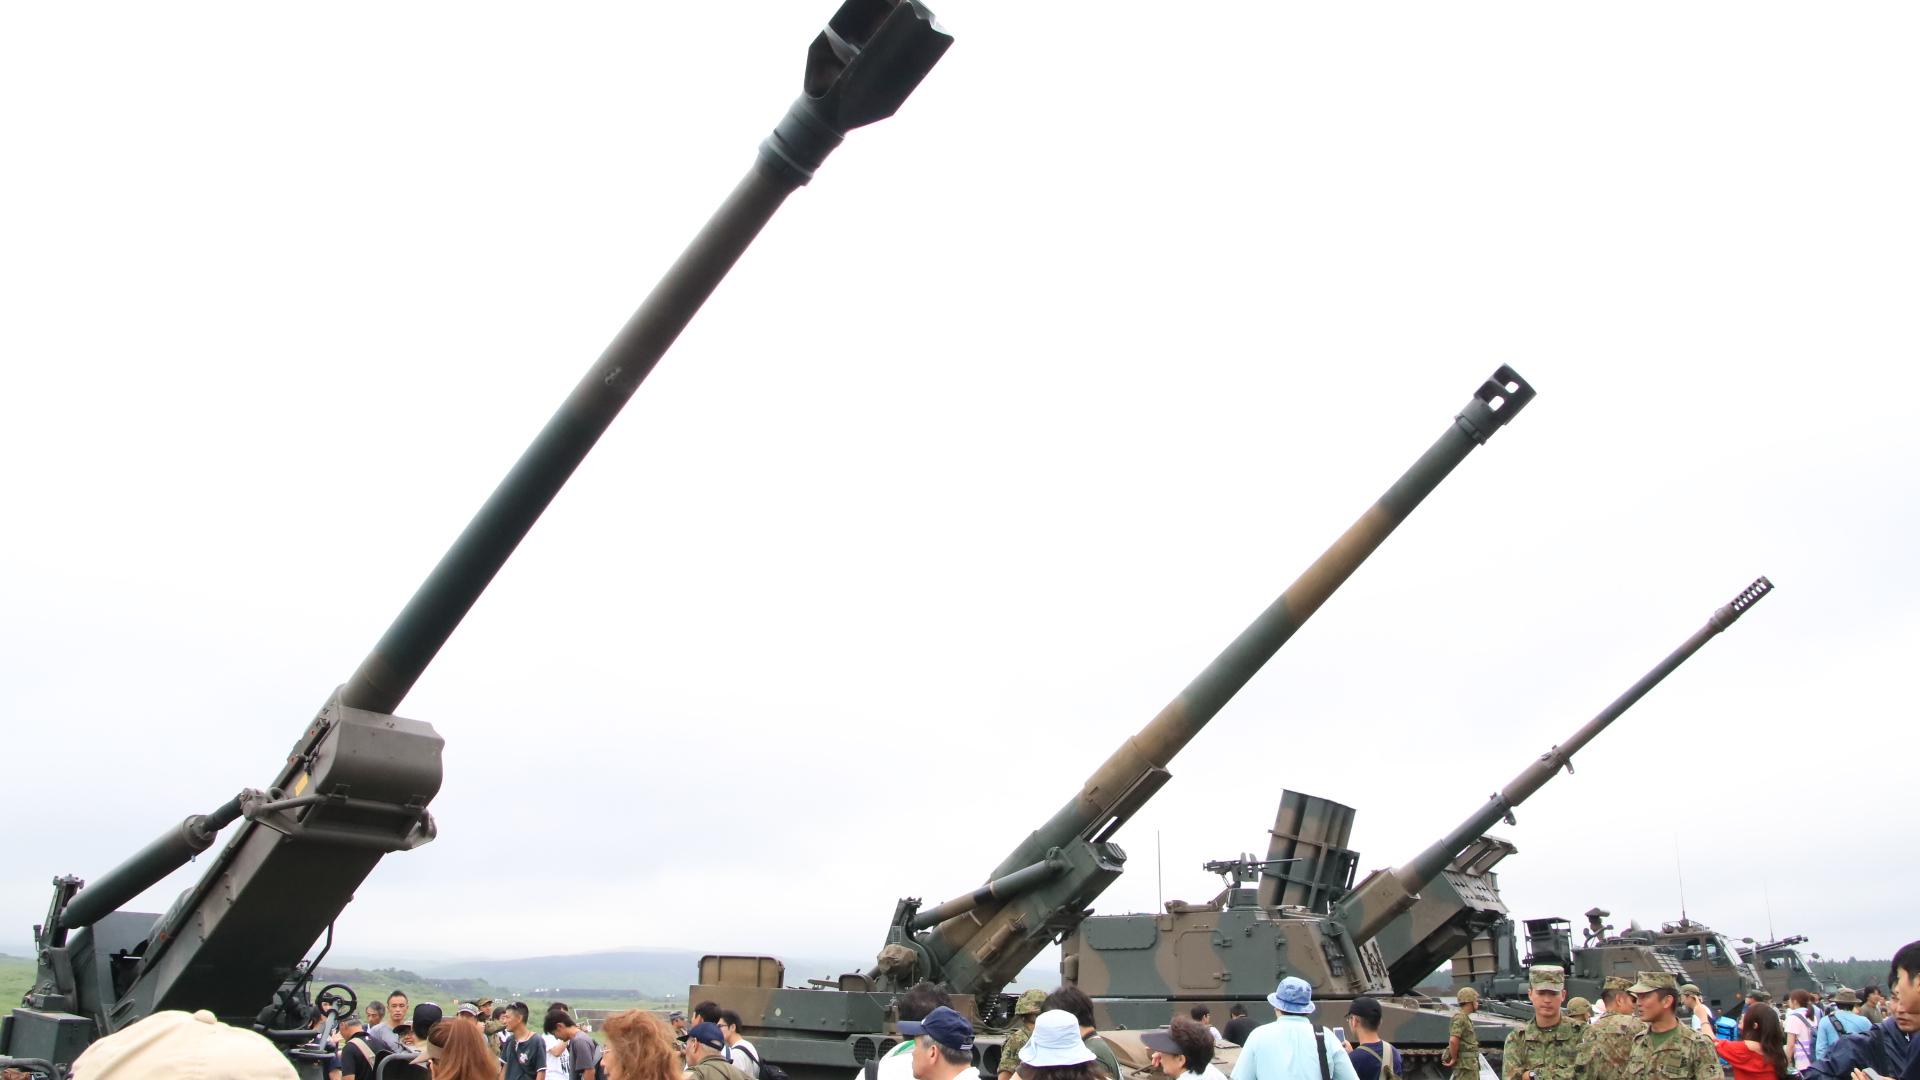 富士総合火力演習 (武器展示)_d0202264_8504469.jpg